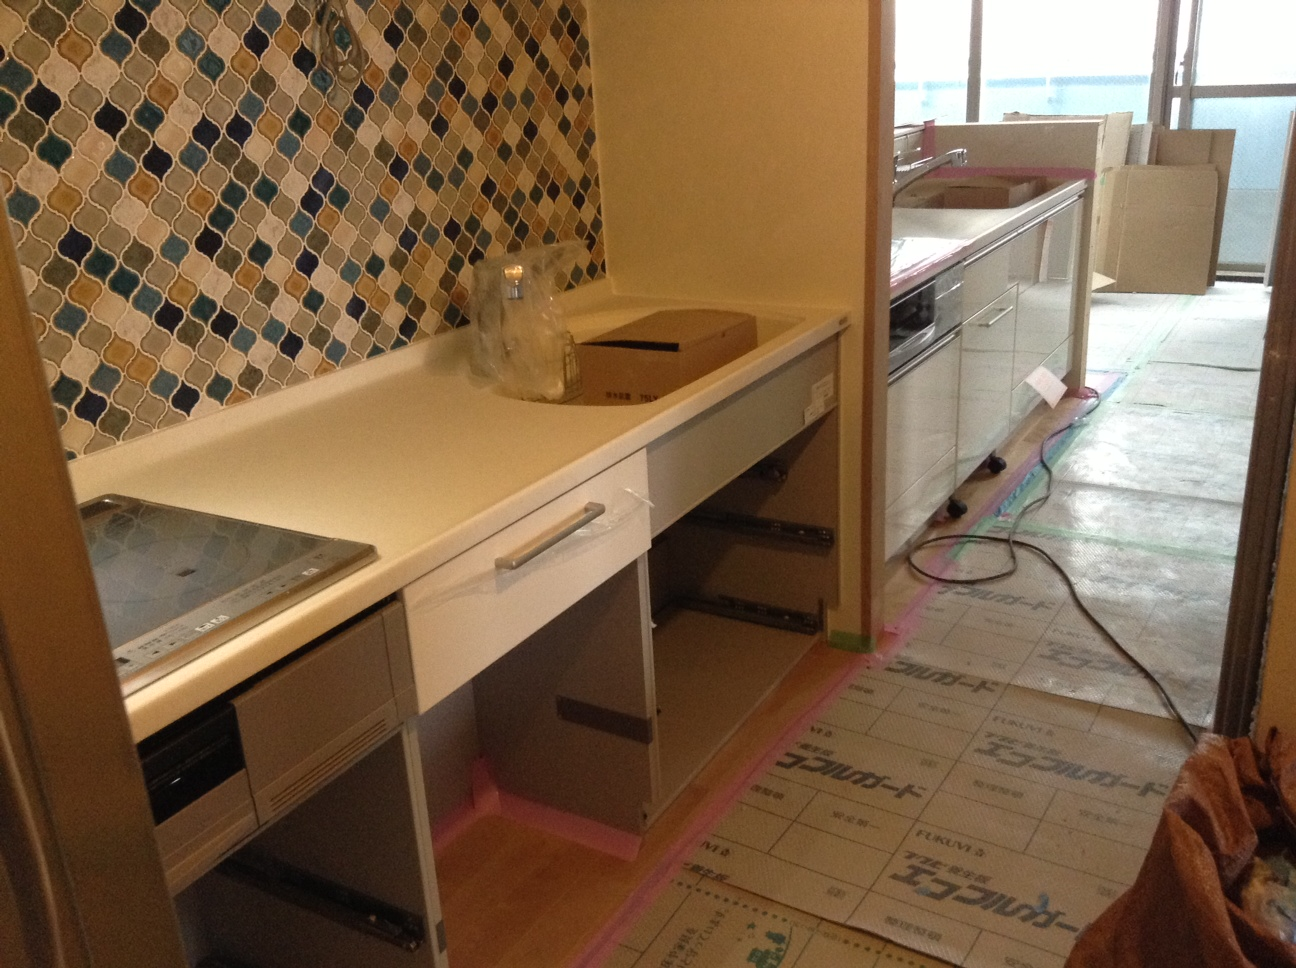 キッチンの画像 - BIGLOBE画像検索